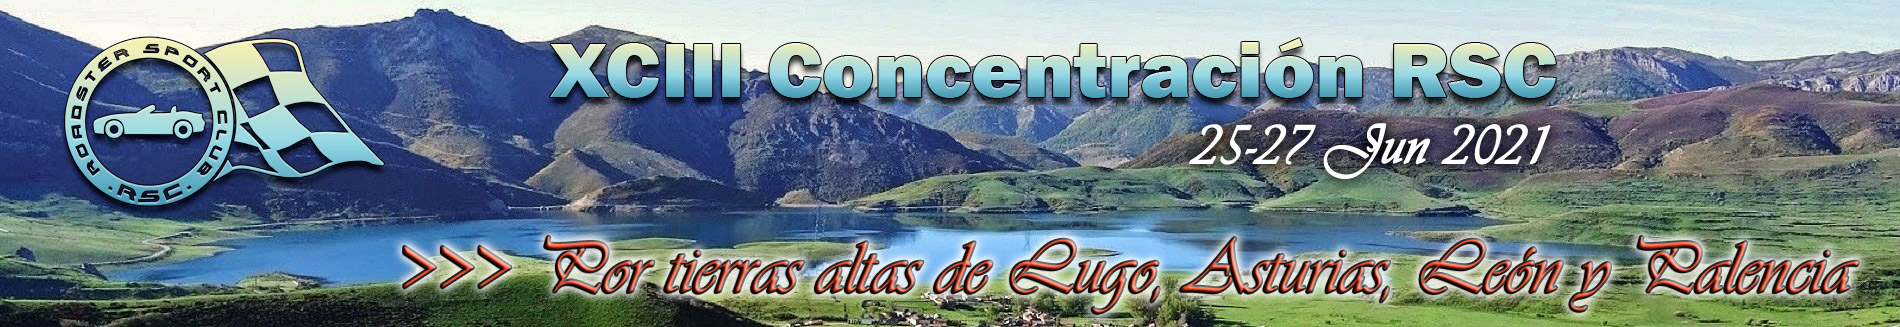 XCIII Concentración: Lugo-Asturias-León-Palencia